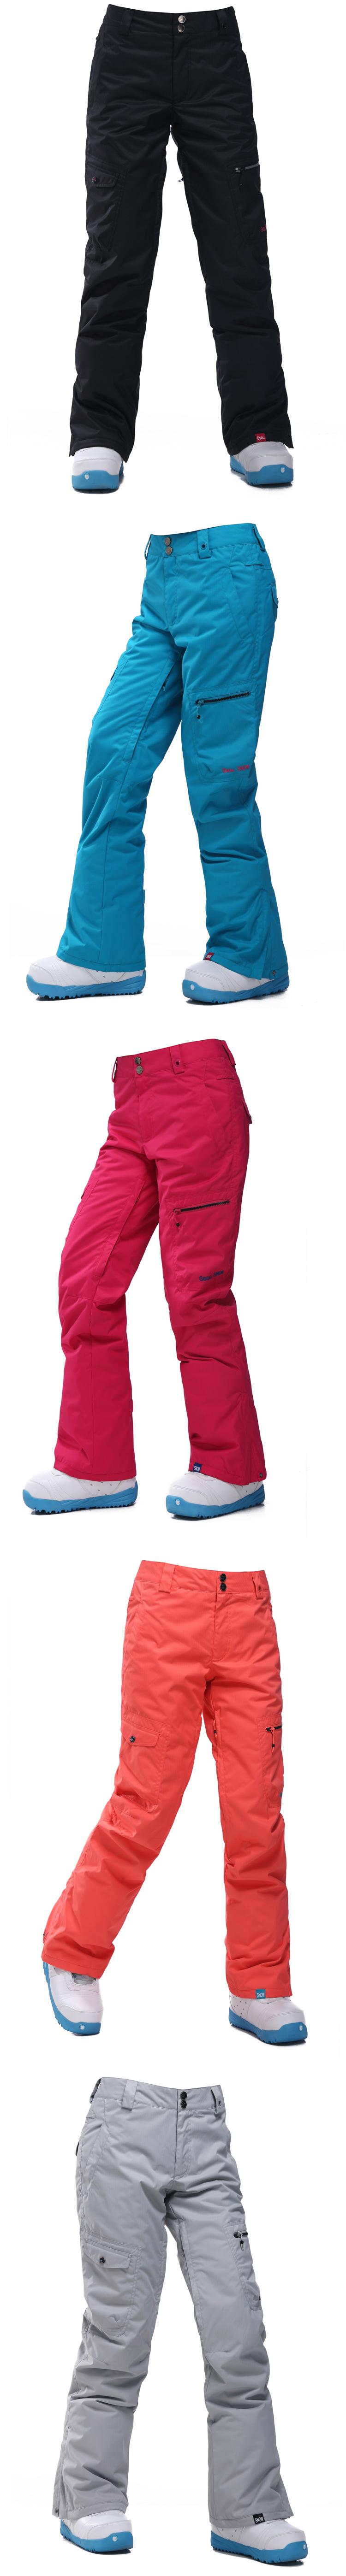 женские горнолыжные брюки фото